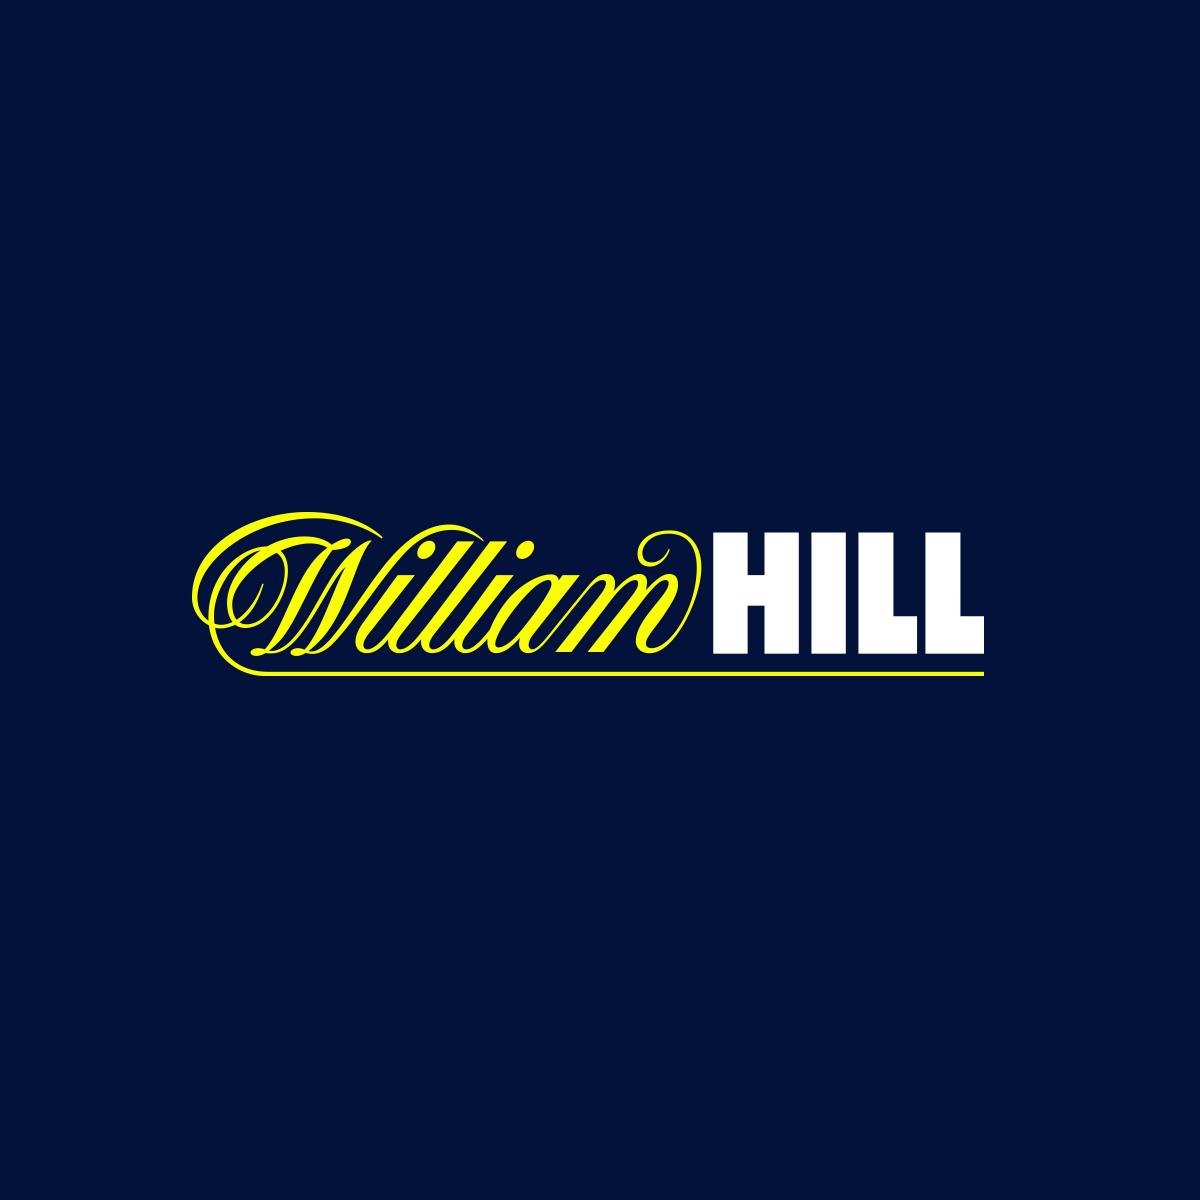 официальный сайт вильям хилл на русском